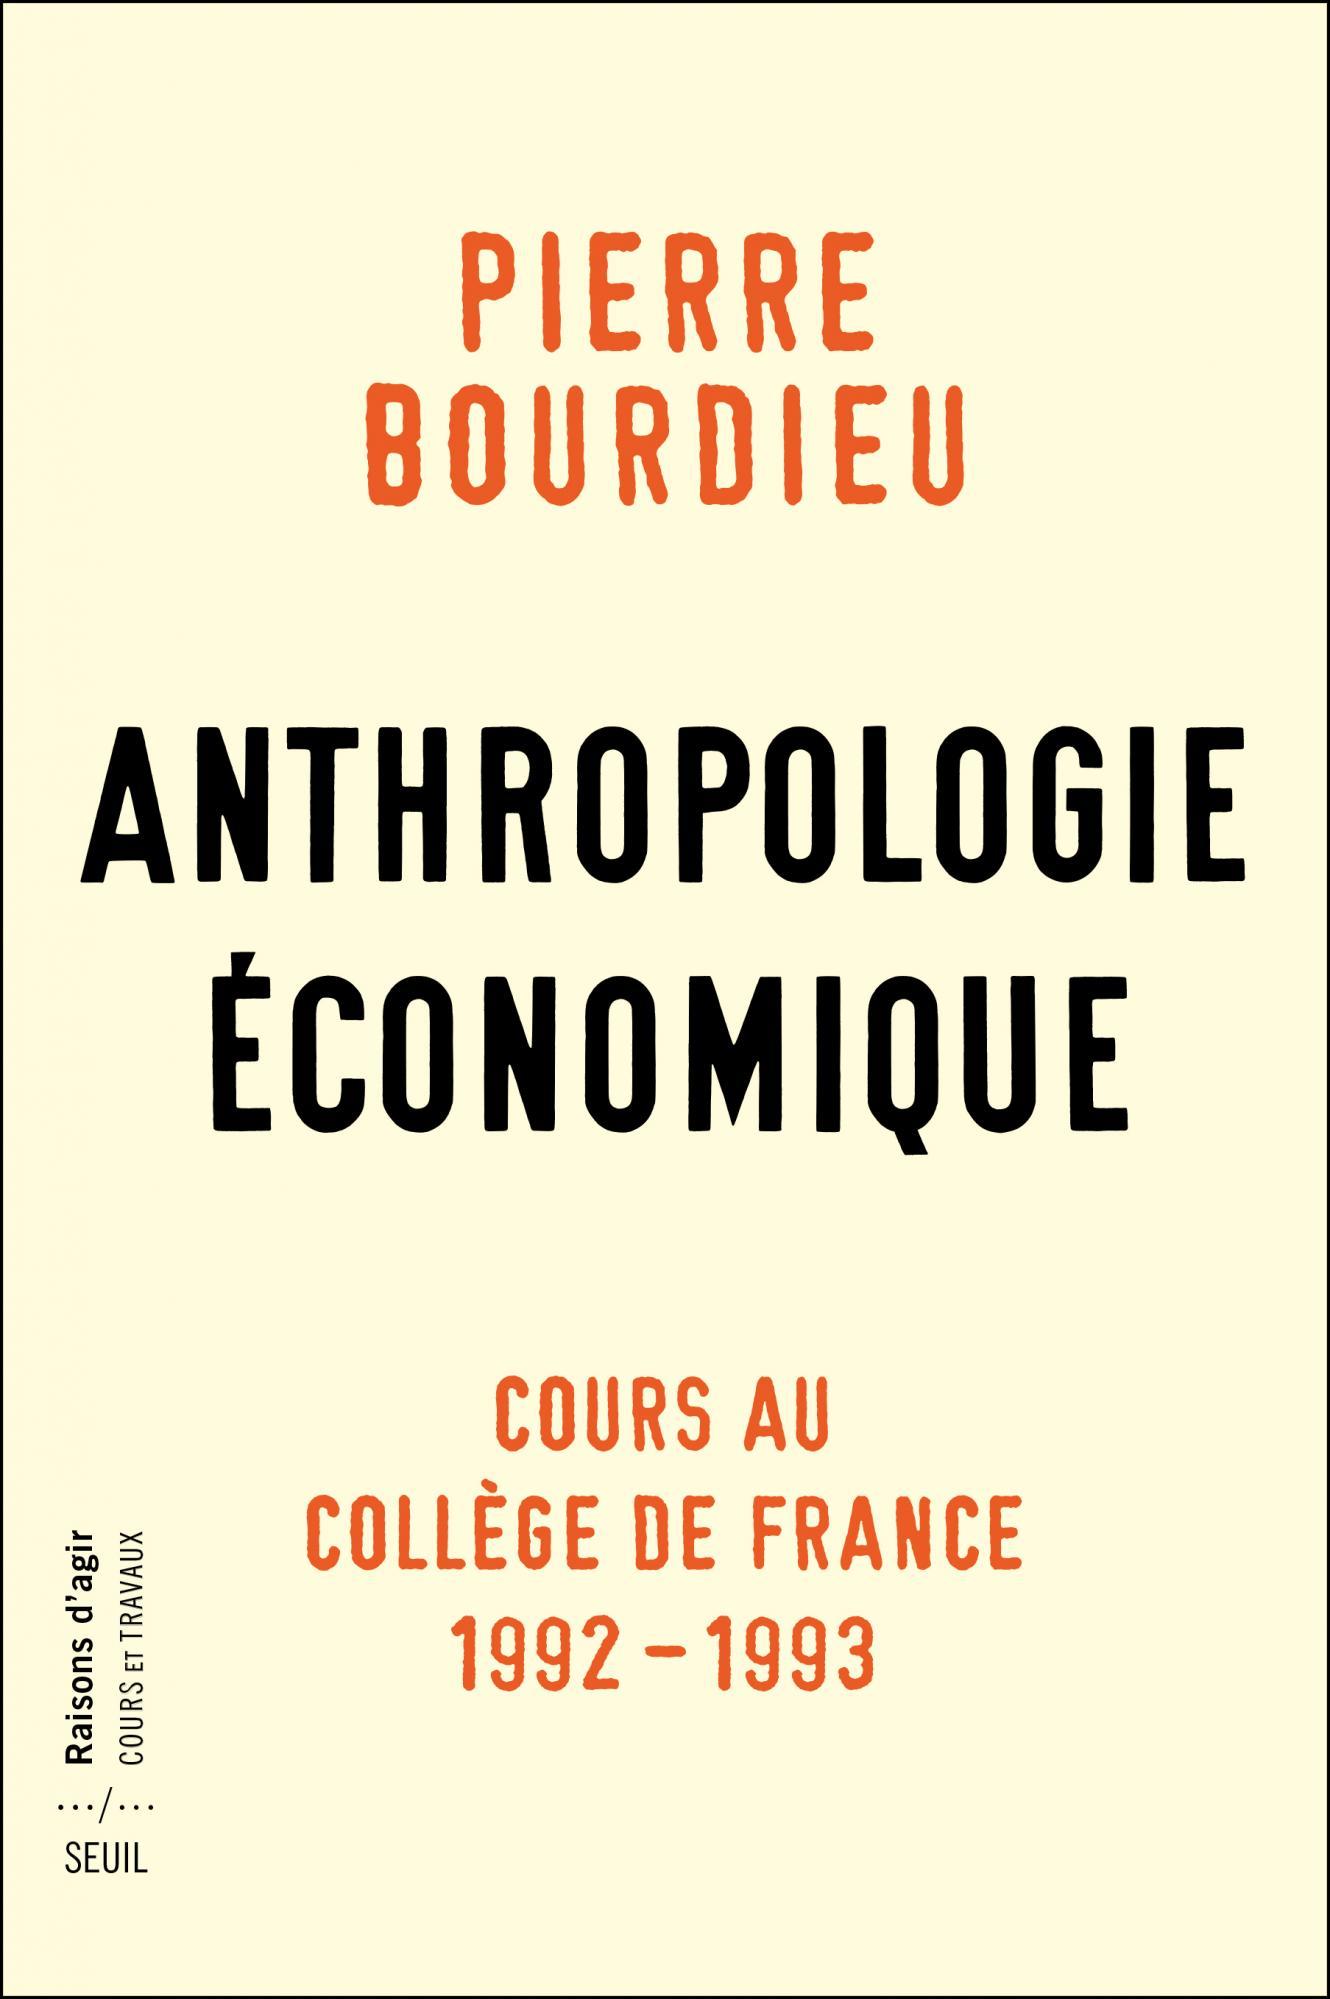 P. Bourdieu, Anthropologie économique. Cours au Collège de France 1992-1993